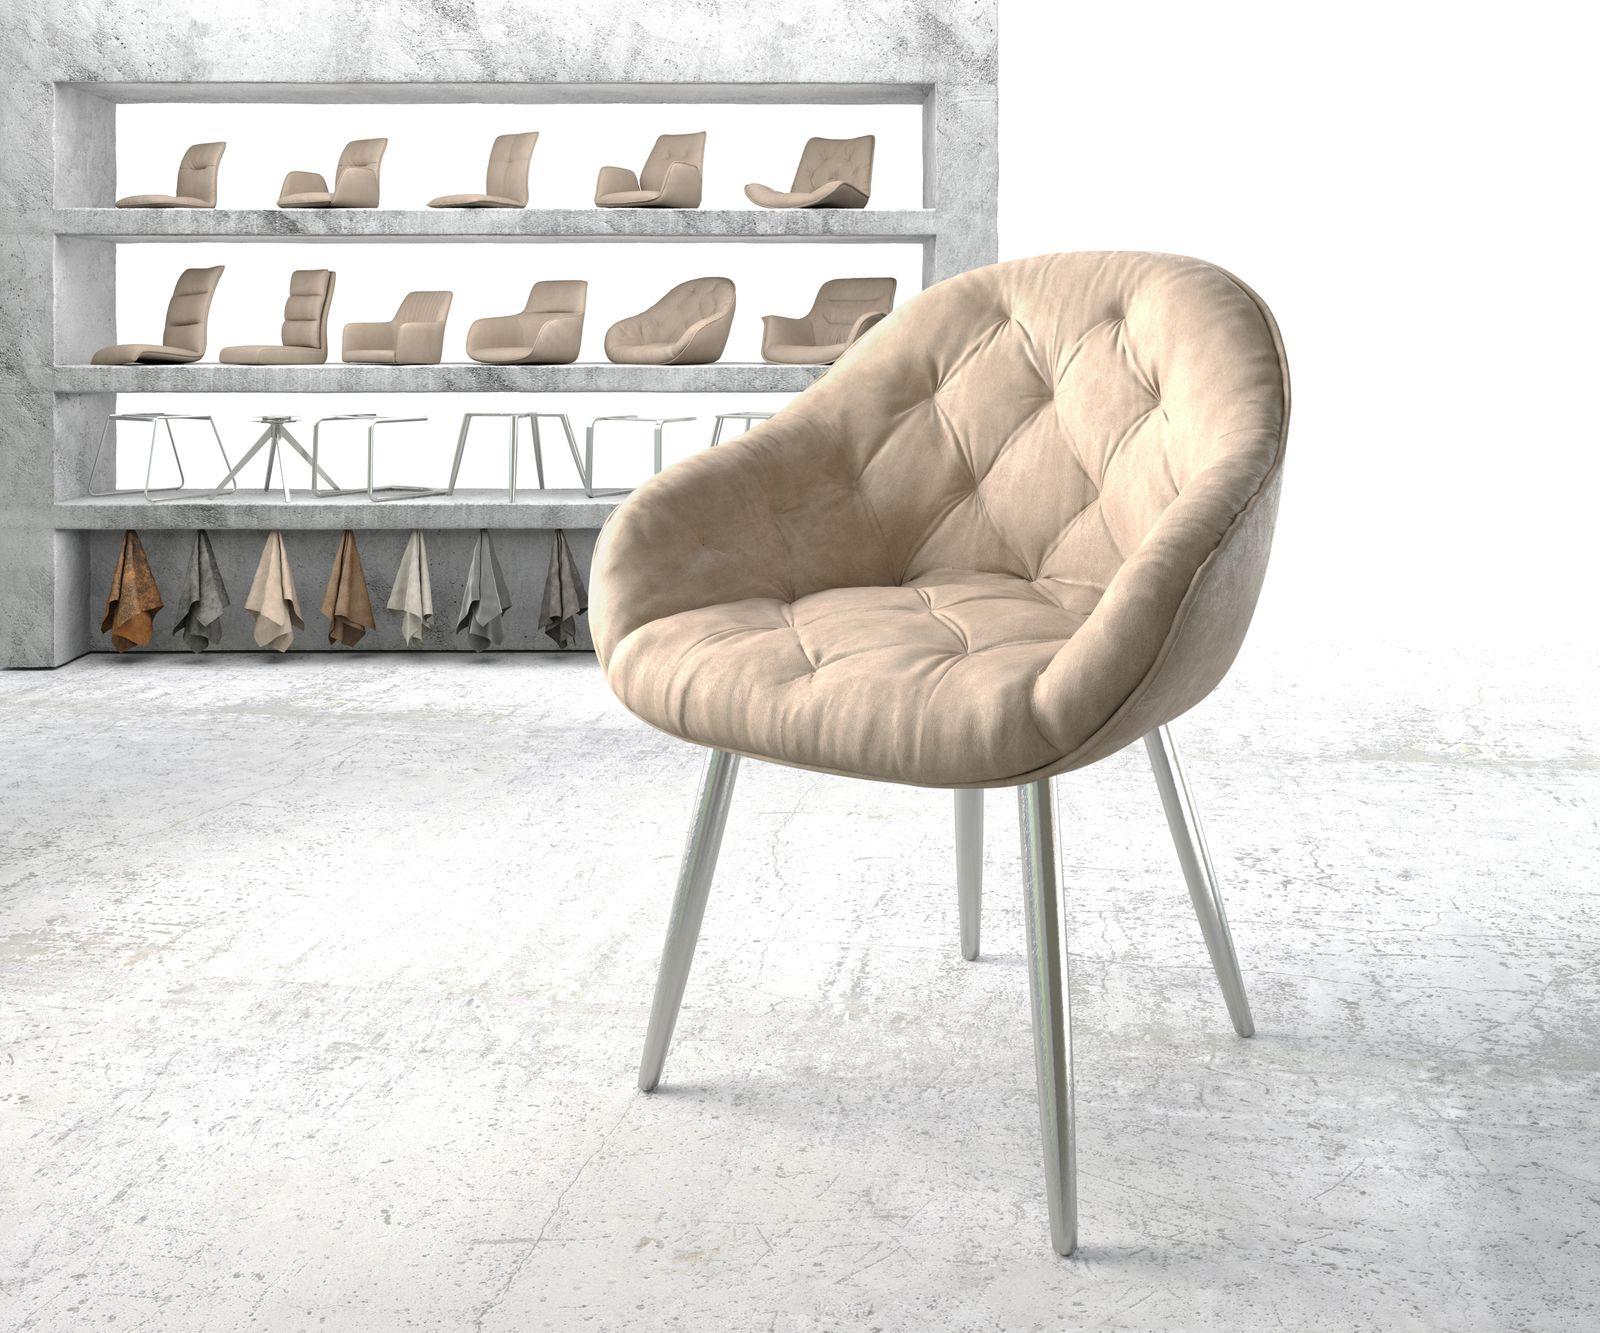 delife-armlehnstuhl-gaio-flex-beige-vintage-4-fu-konisch-edelstahl-esszimmerstuhle